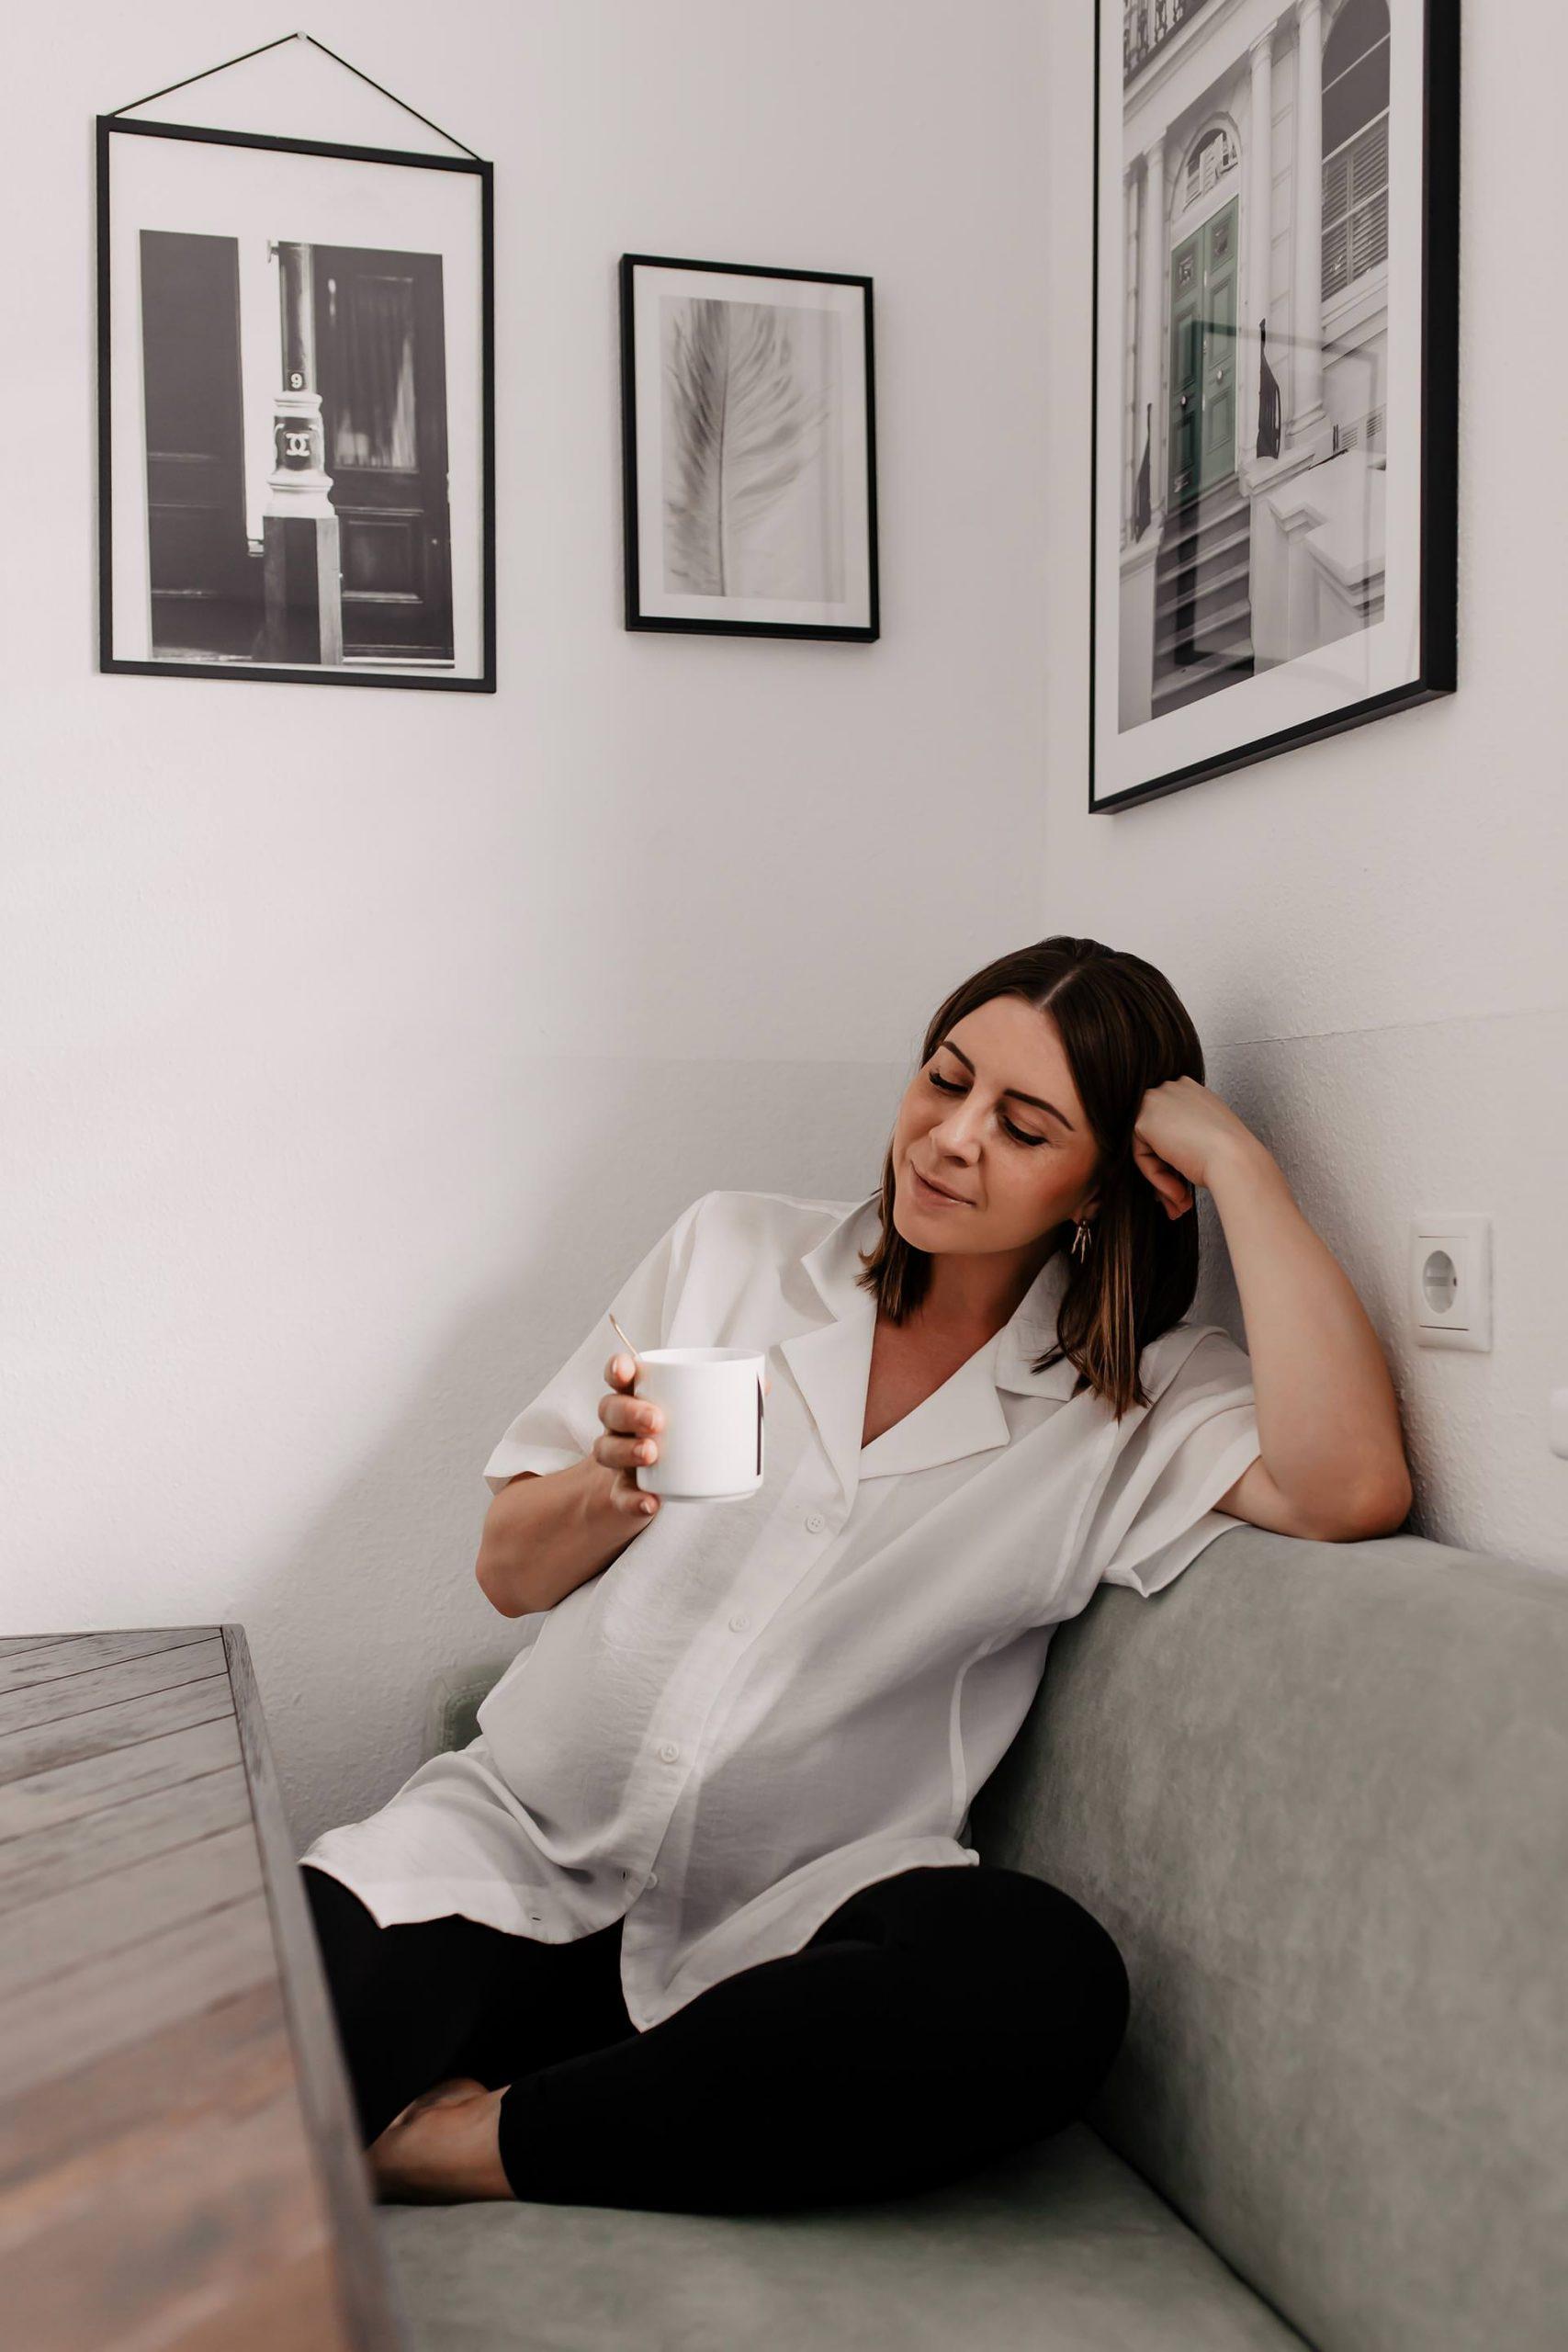 Anzeige. Am Mamablog liest du heute, wie ich meinen Kaffee in der Schwangerschaft am liebsten trinke. Außerdem stelle ich dir eine koffeinfreie Variante vor, wo echte Kindheitserinnerungen hochkommen! www.whoismocca.com